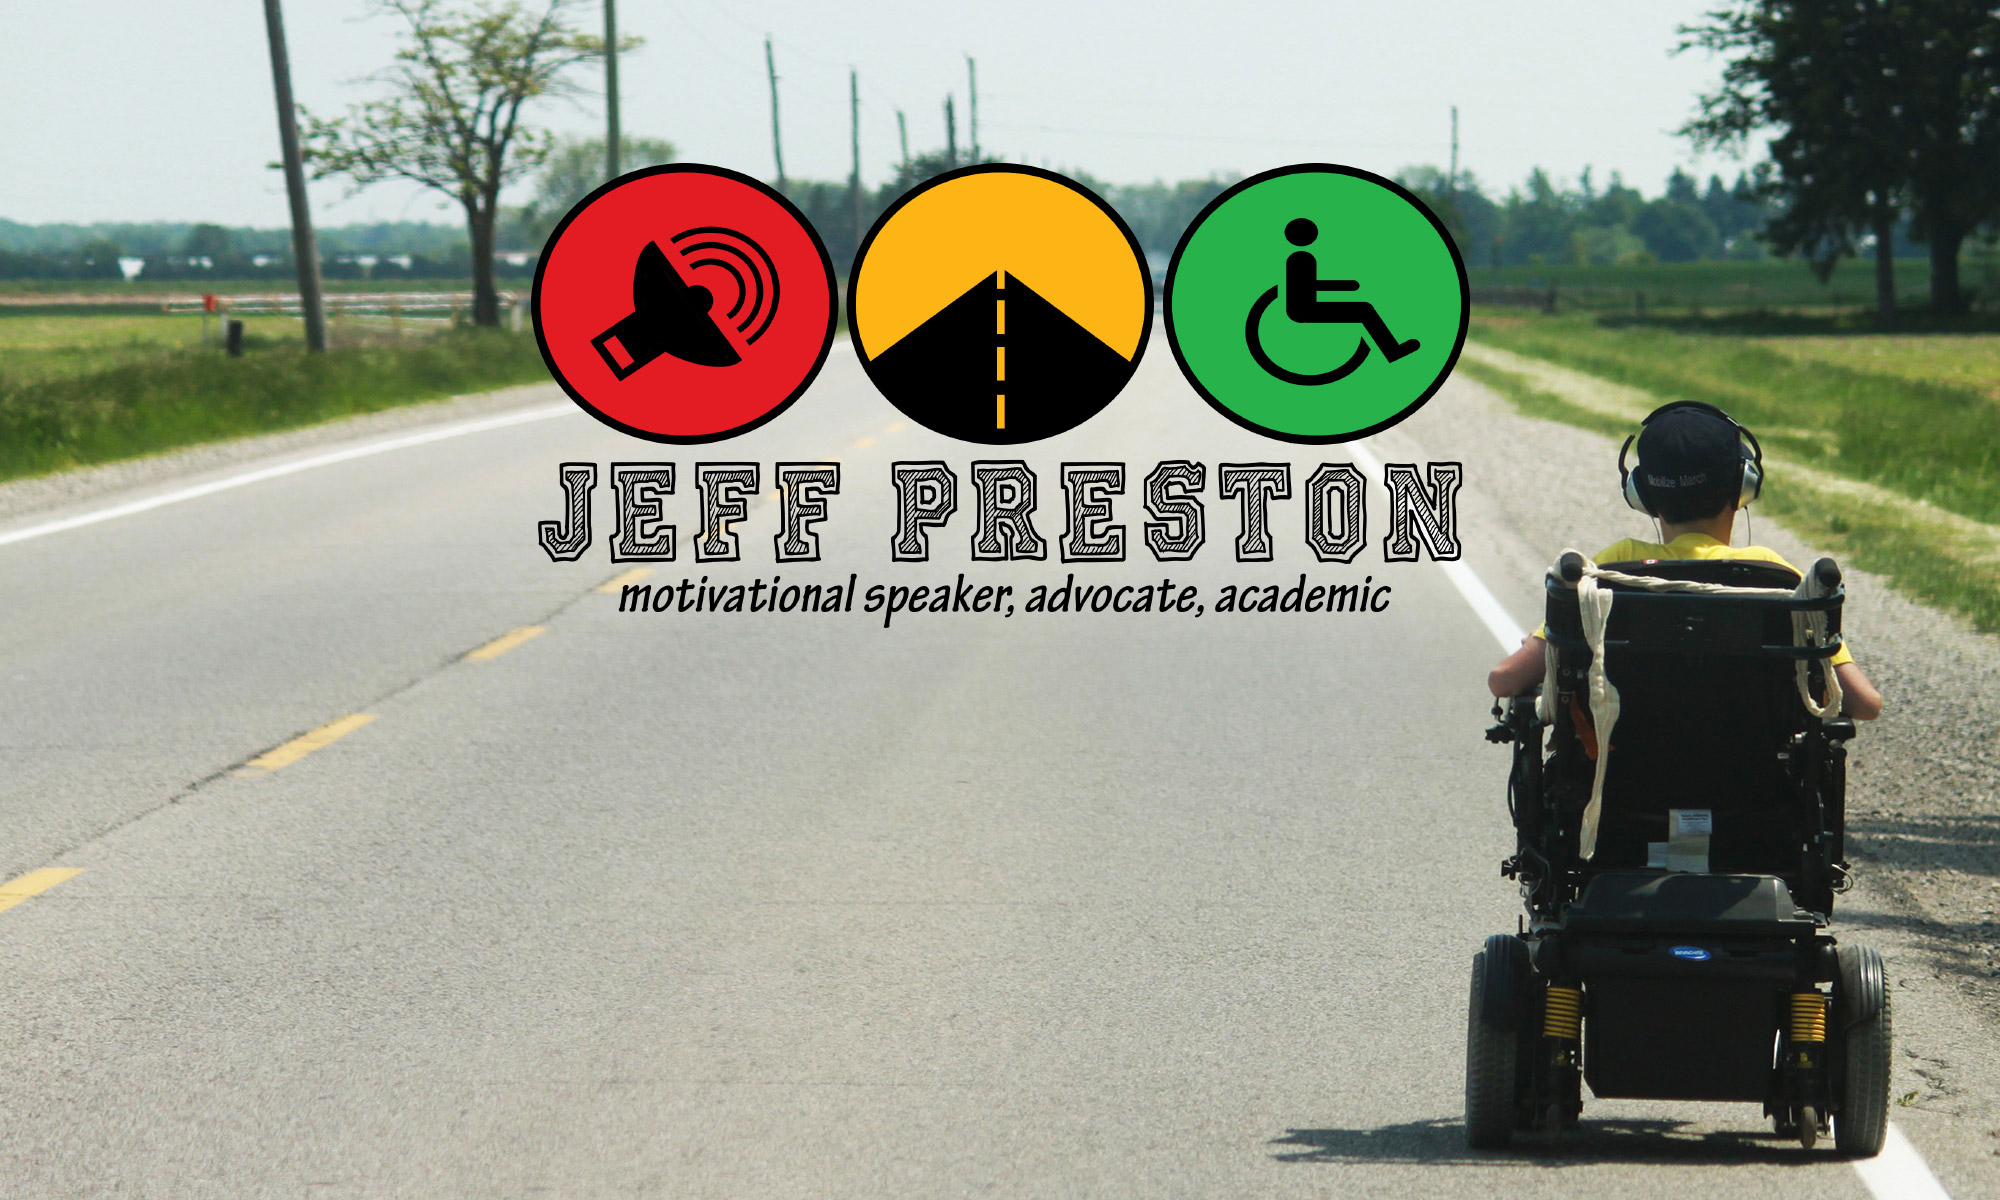 Jeff Preston